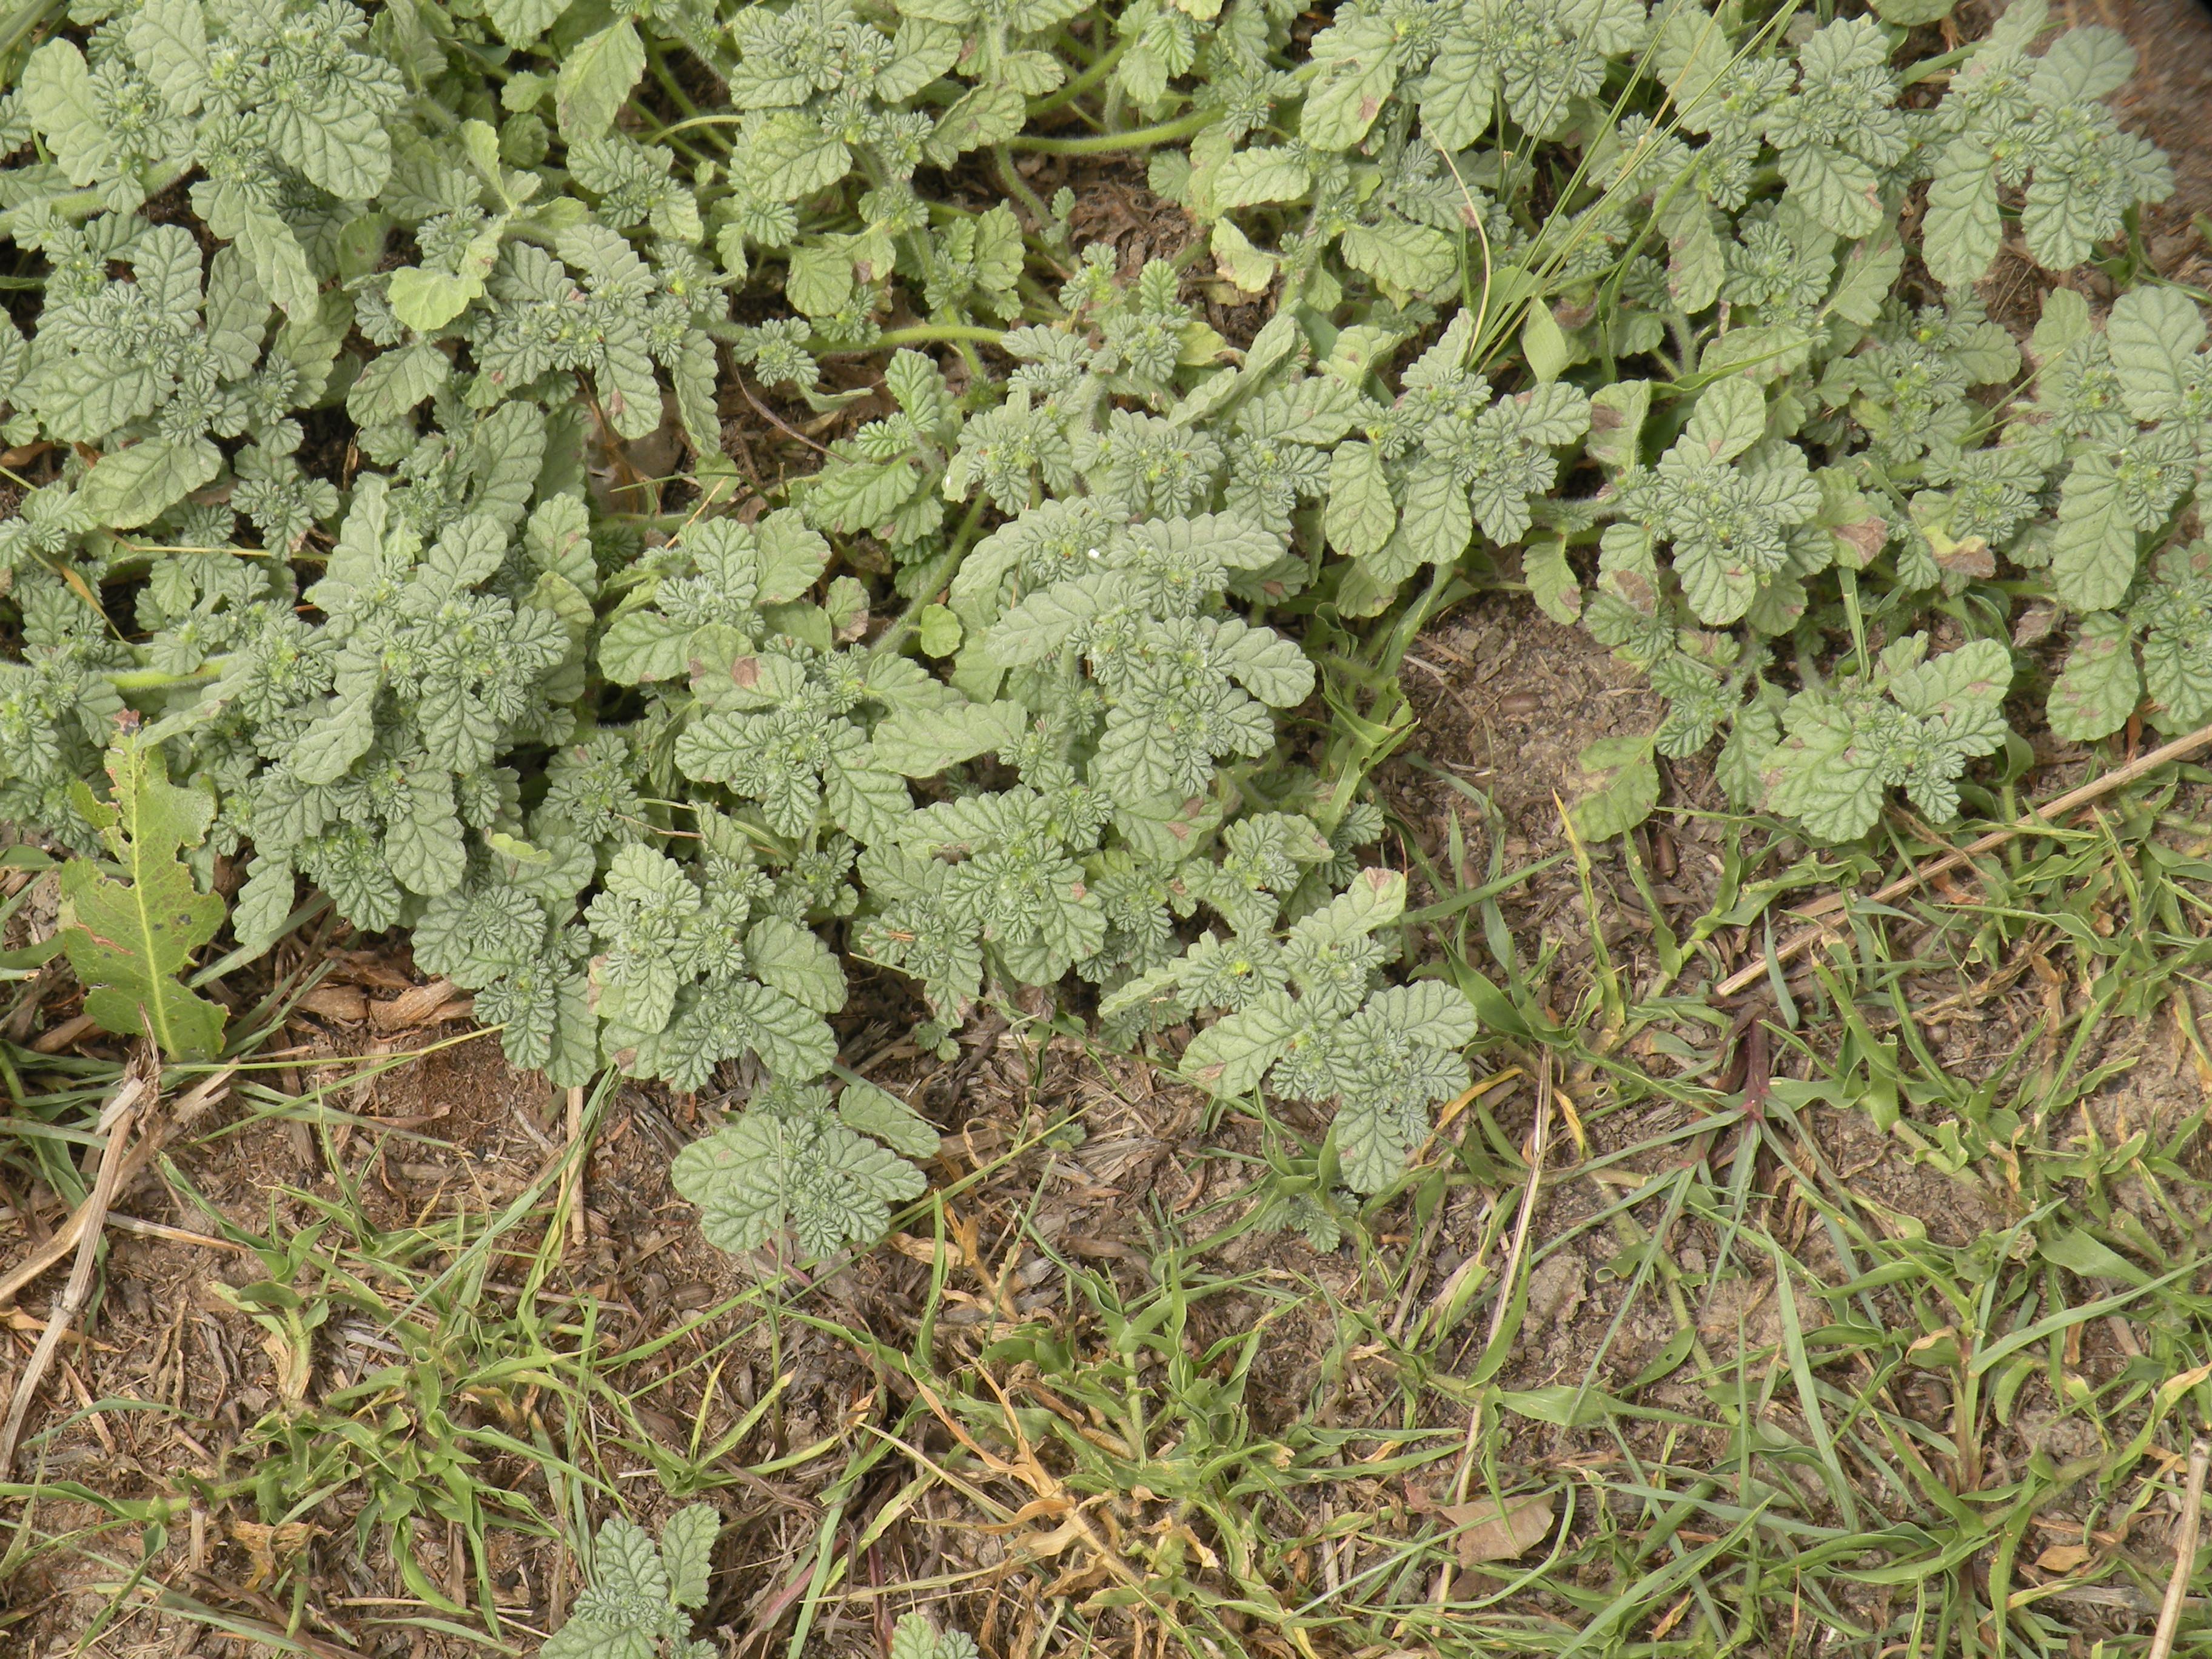 作付前のイネ圃場での花蕾期の成植物